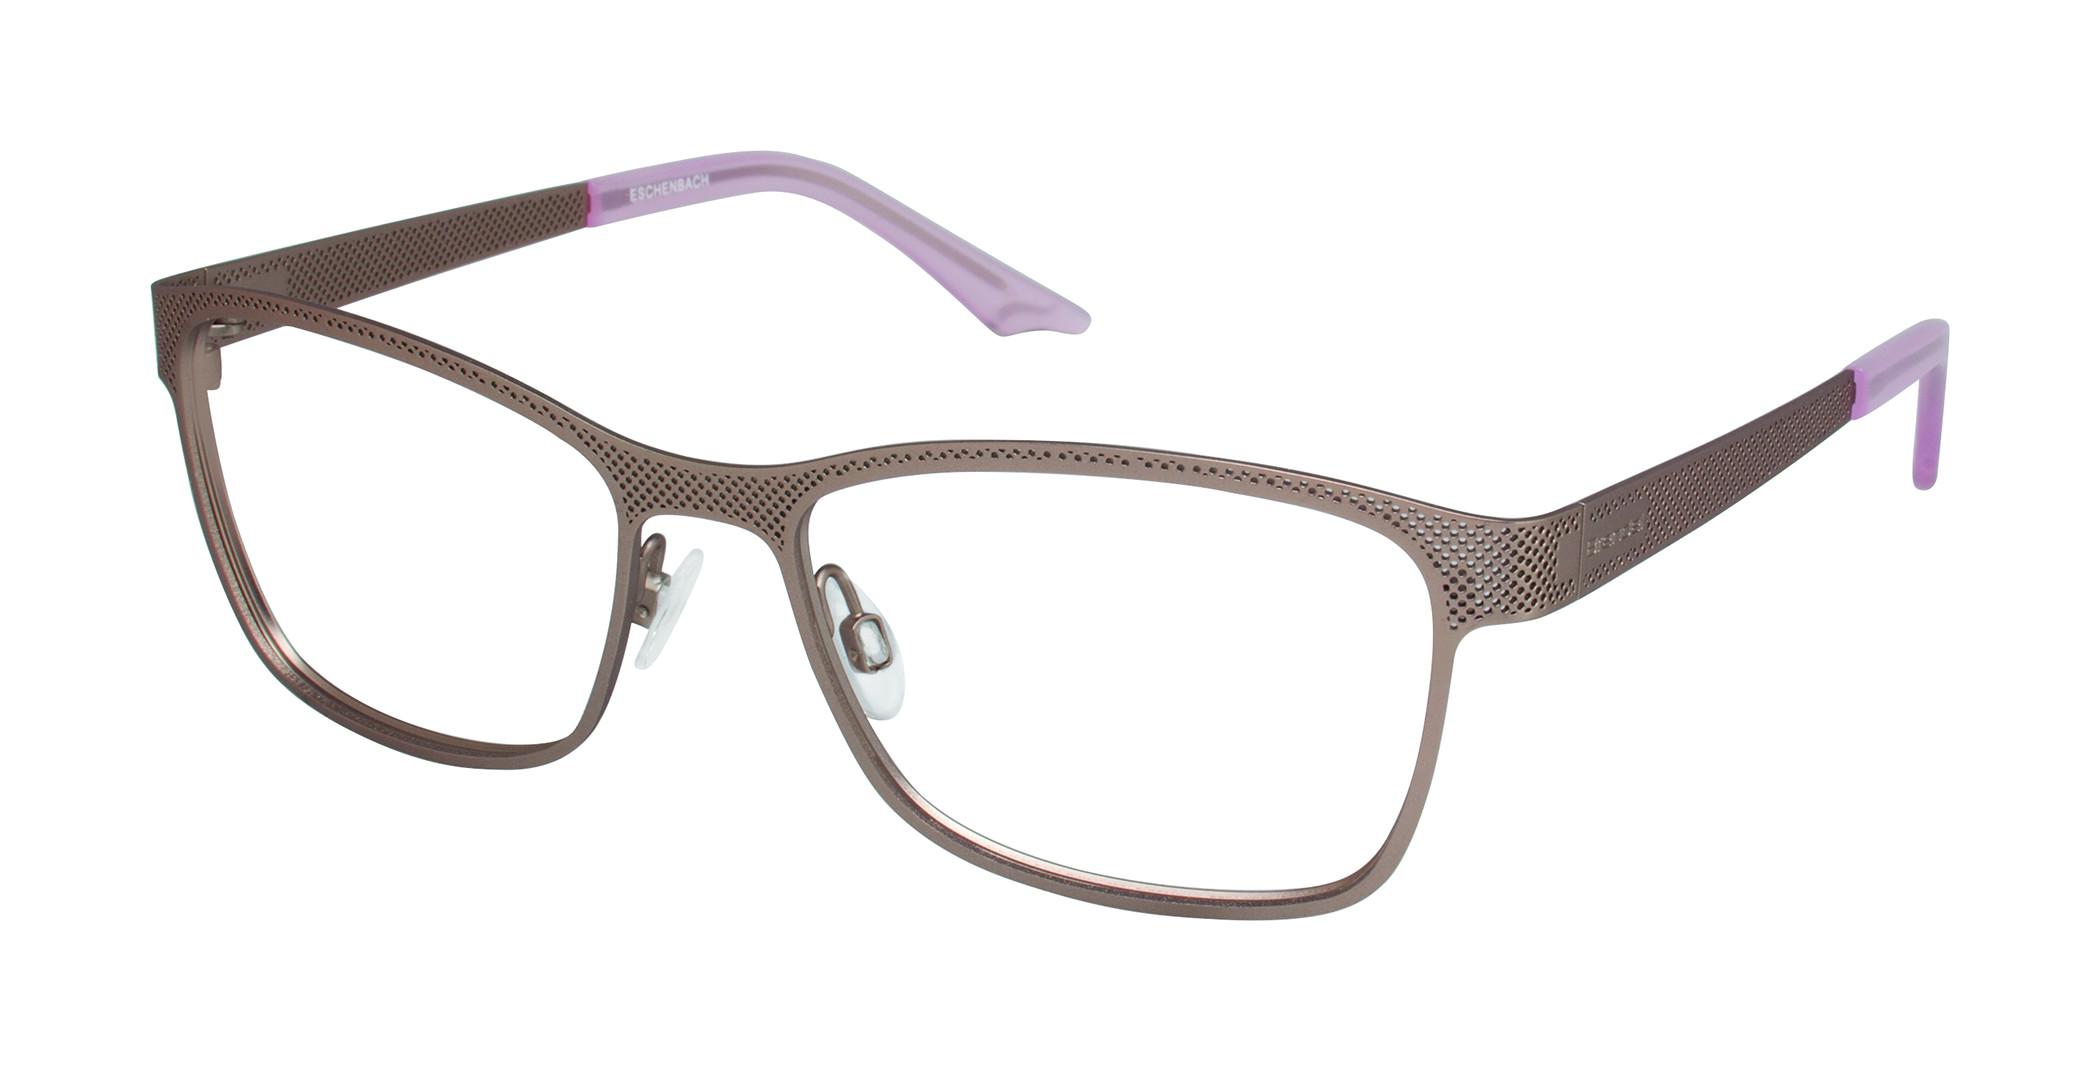 18af7ec49d Brendel 902164 Eyeglasses - Brendel Authorized Retailer - coolframes ...